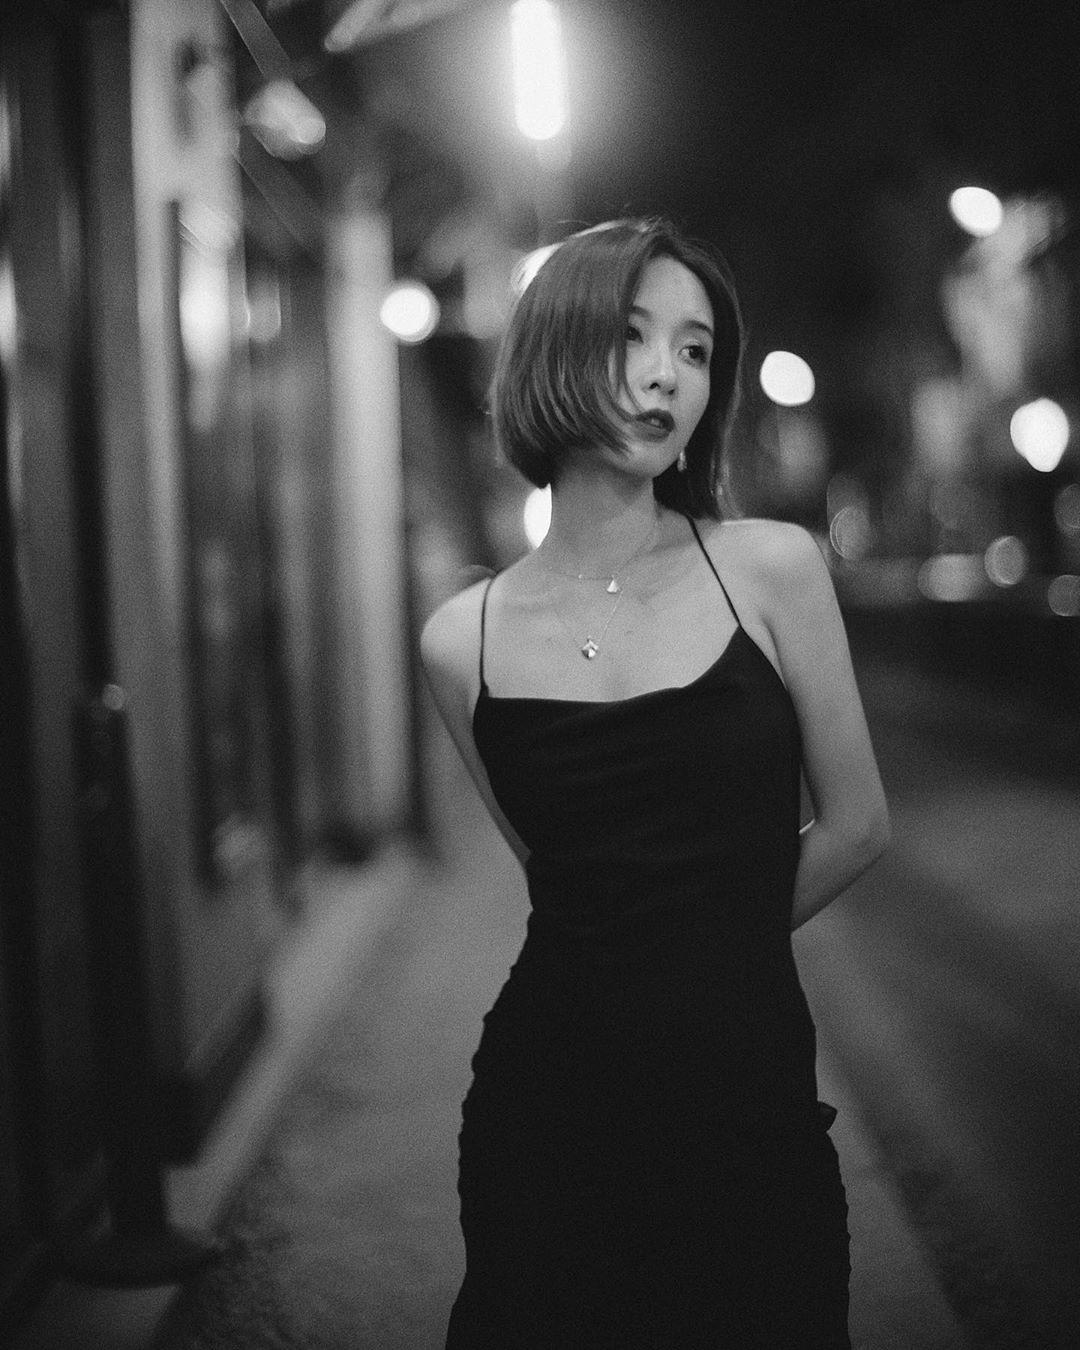 Nhờ một mẫu váy: Hà Tăng, Phạm Quỳnh Anh và Đàm Thu Trang khiến người ta nín lặng trước vẻ sexy và sang chảnh tột bậc - Ảnh 11